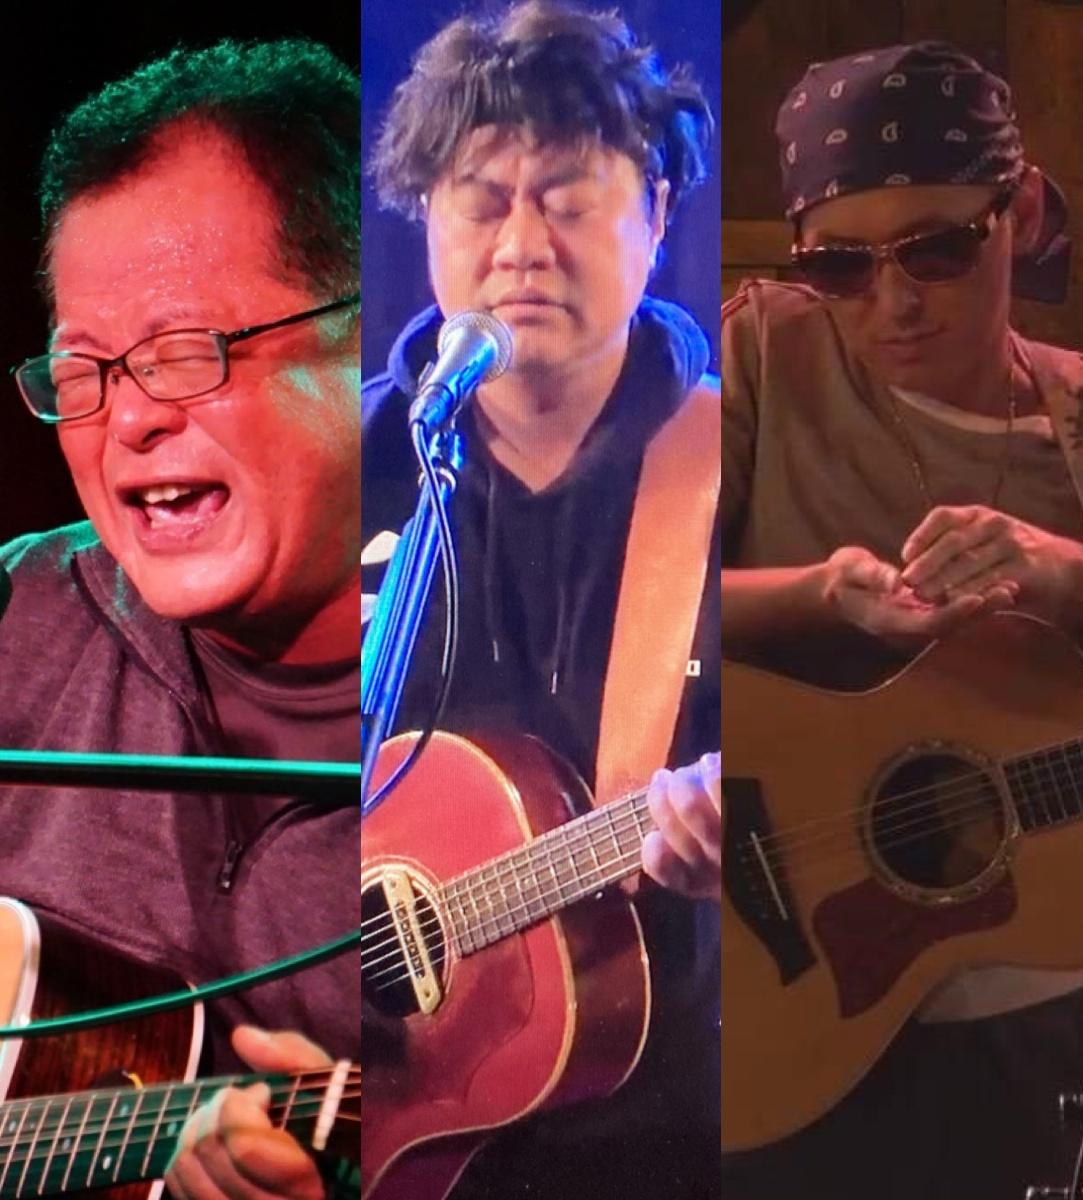 [無観客配信]『声の届くところ、思いのあるところ...』出演:NAKAYOSHI / 相澤大介 / Mamo